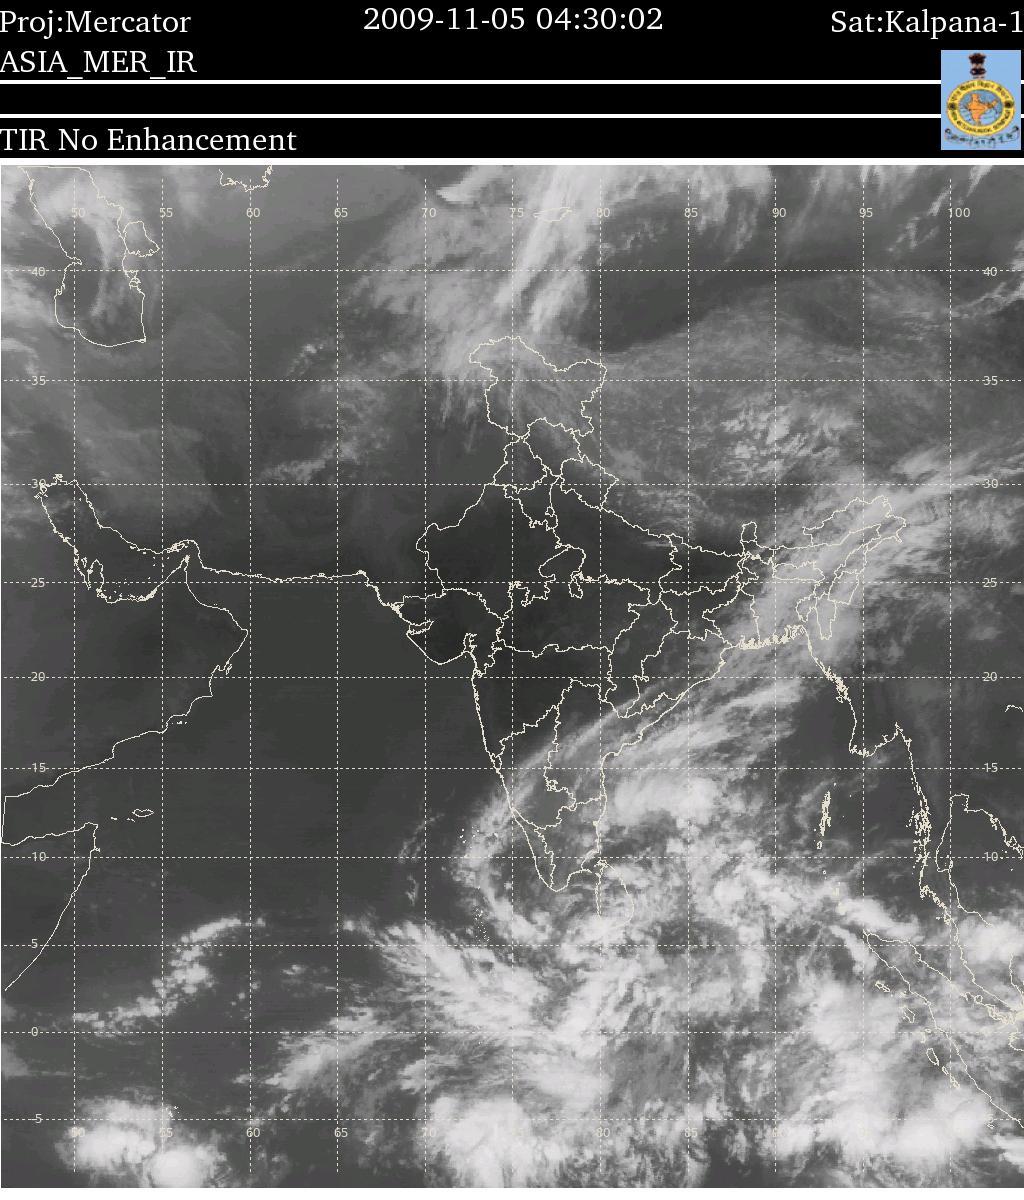 Satellite image of India